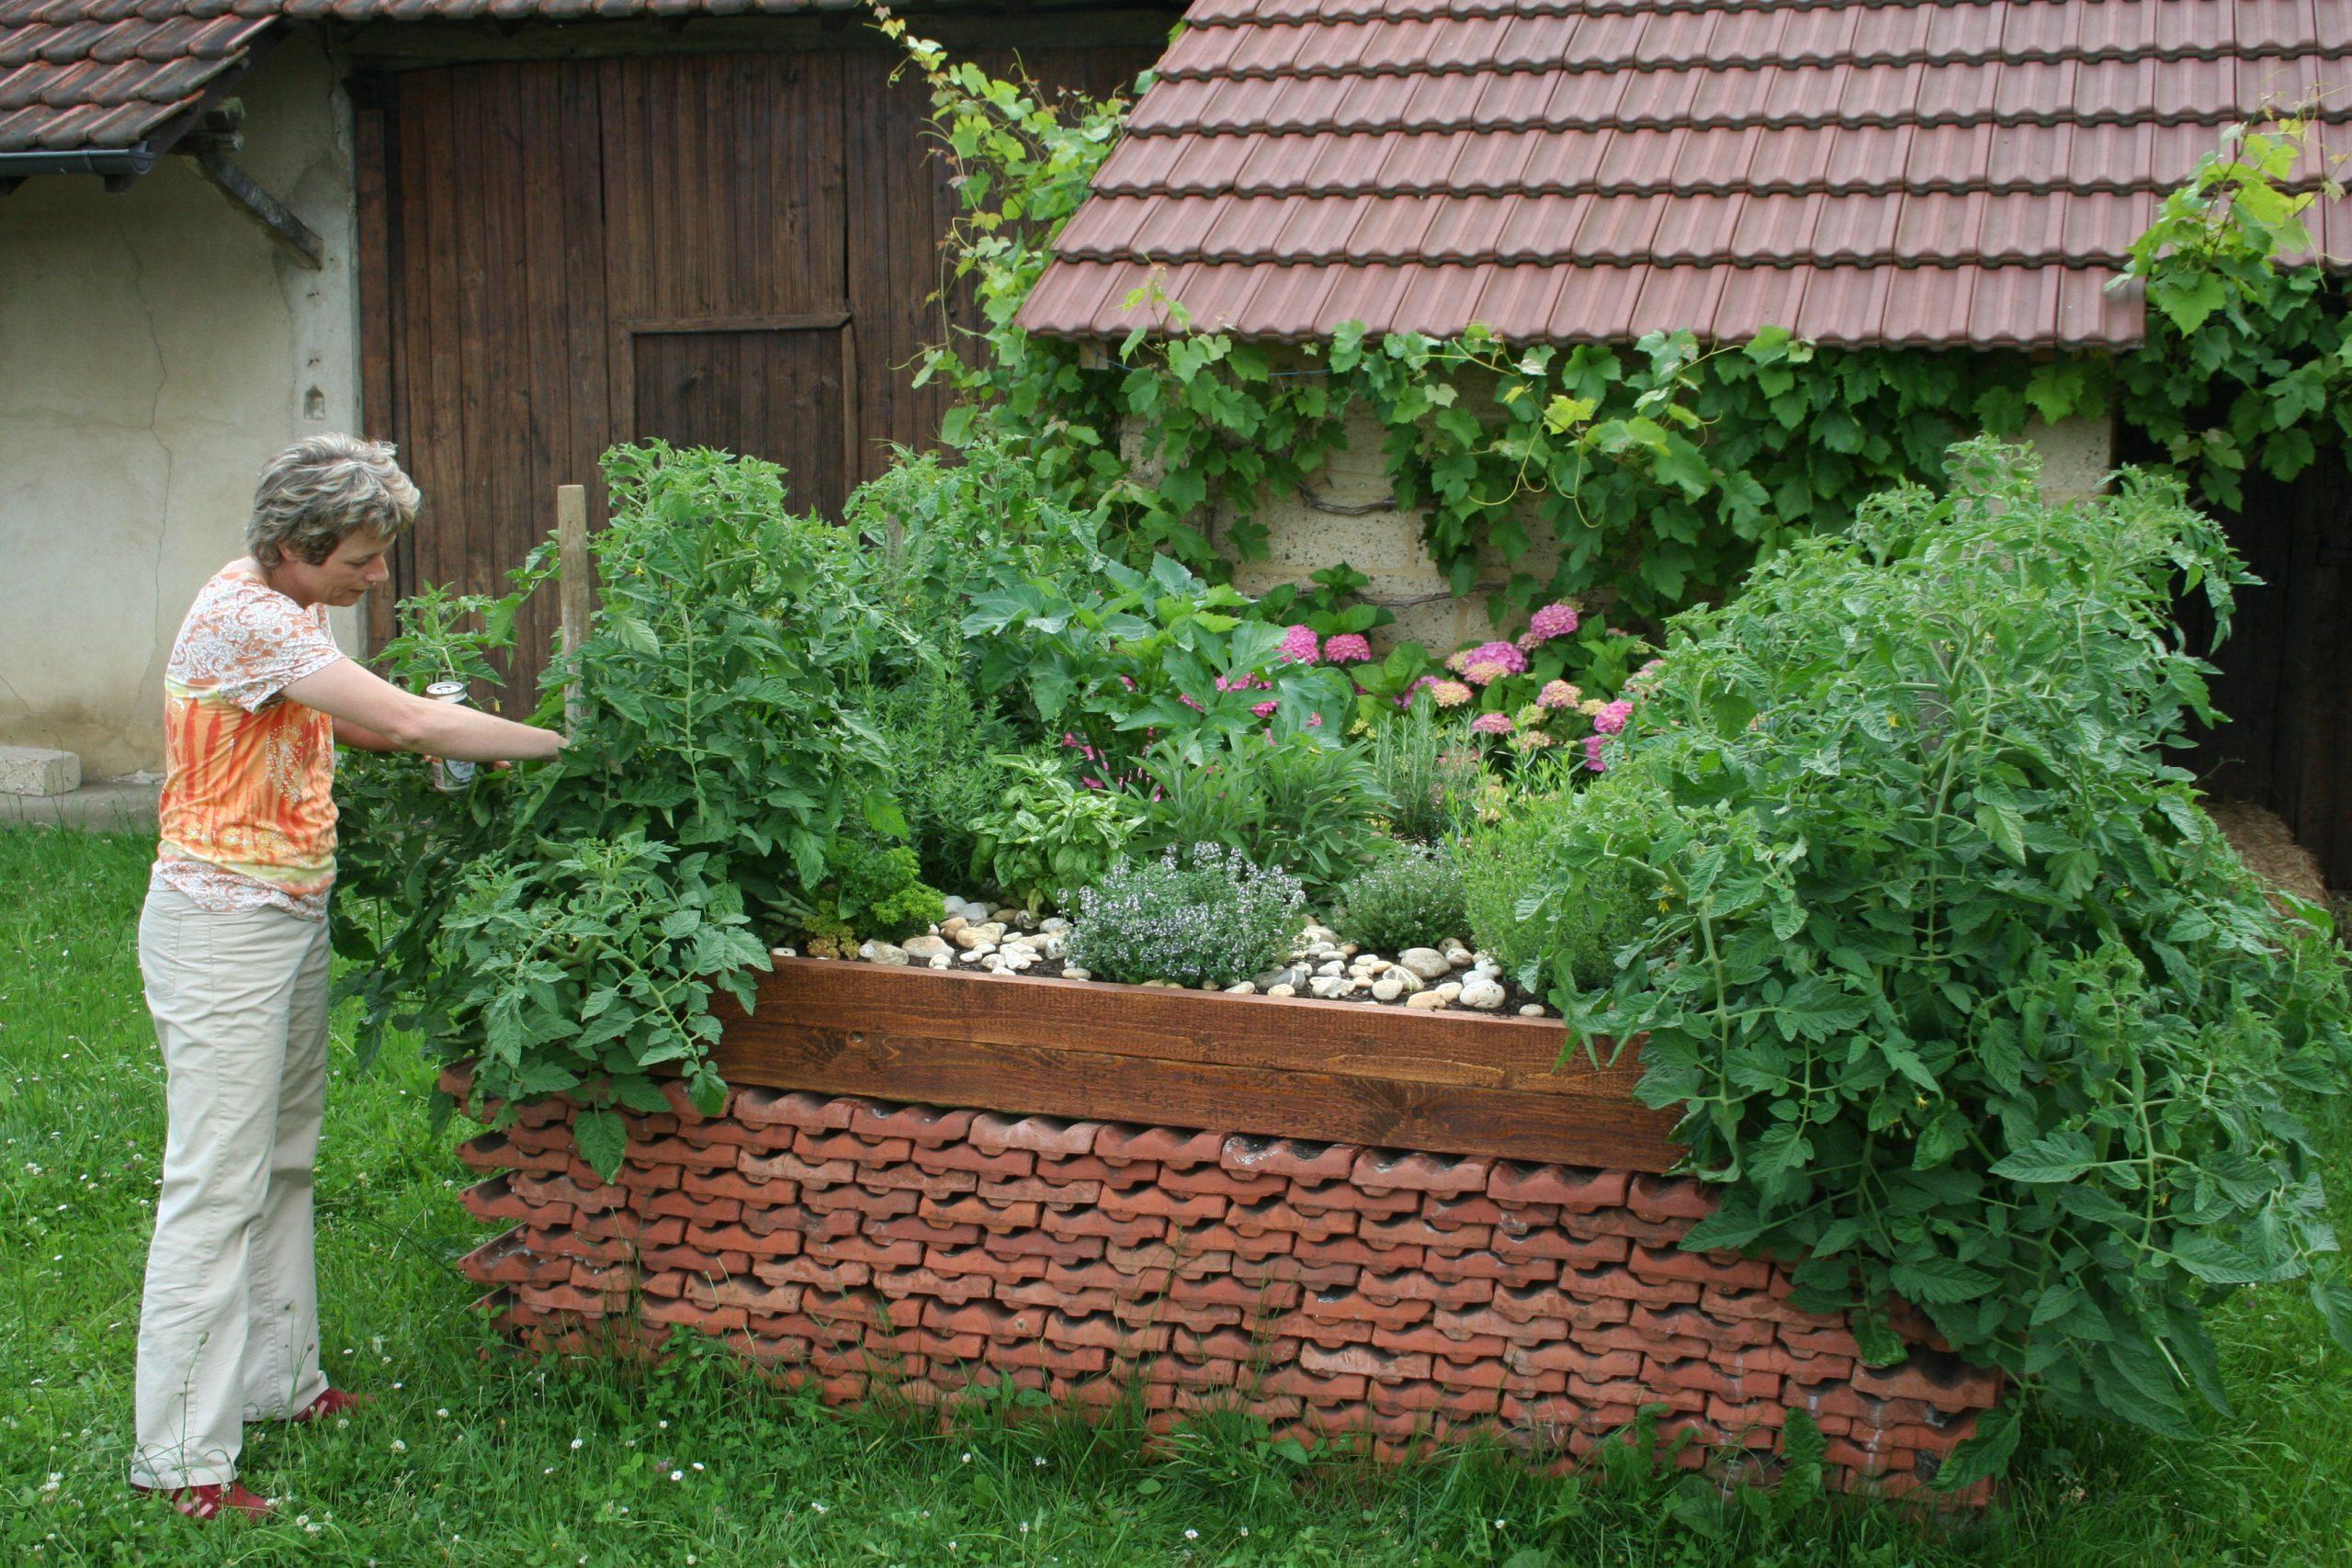 Jardinage Surélevé — Wikipédia intérieur Jardin En Carré Surélevé